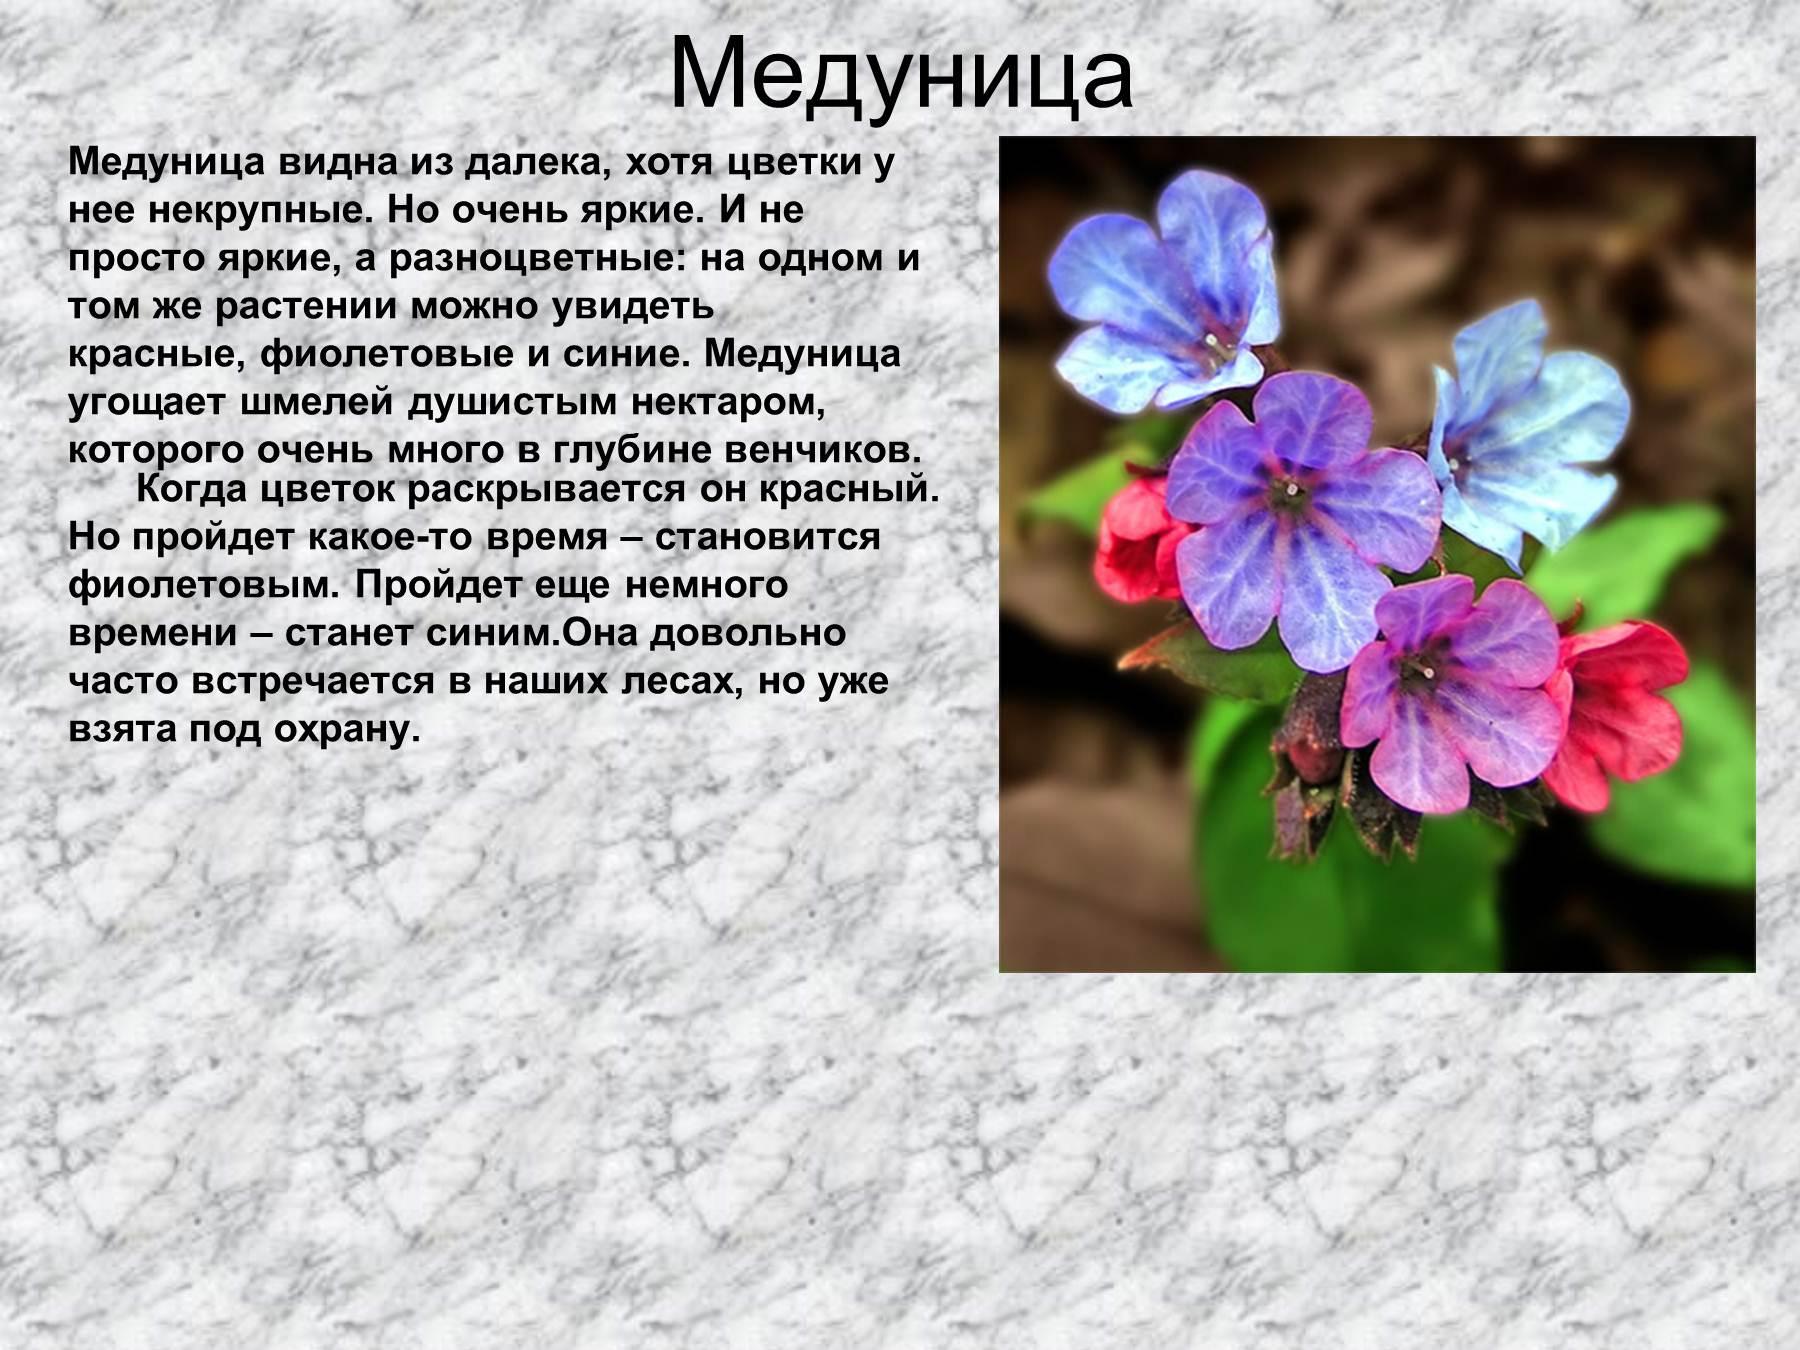 Медуница: виды, состав, свойства, применение, противопоказания 67